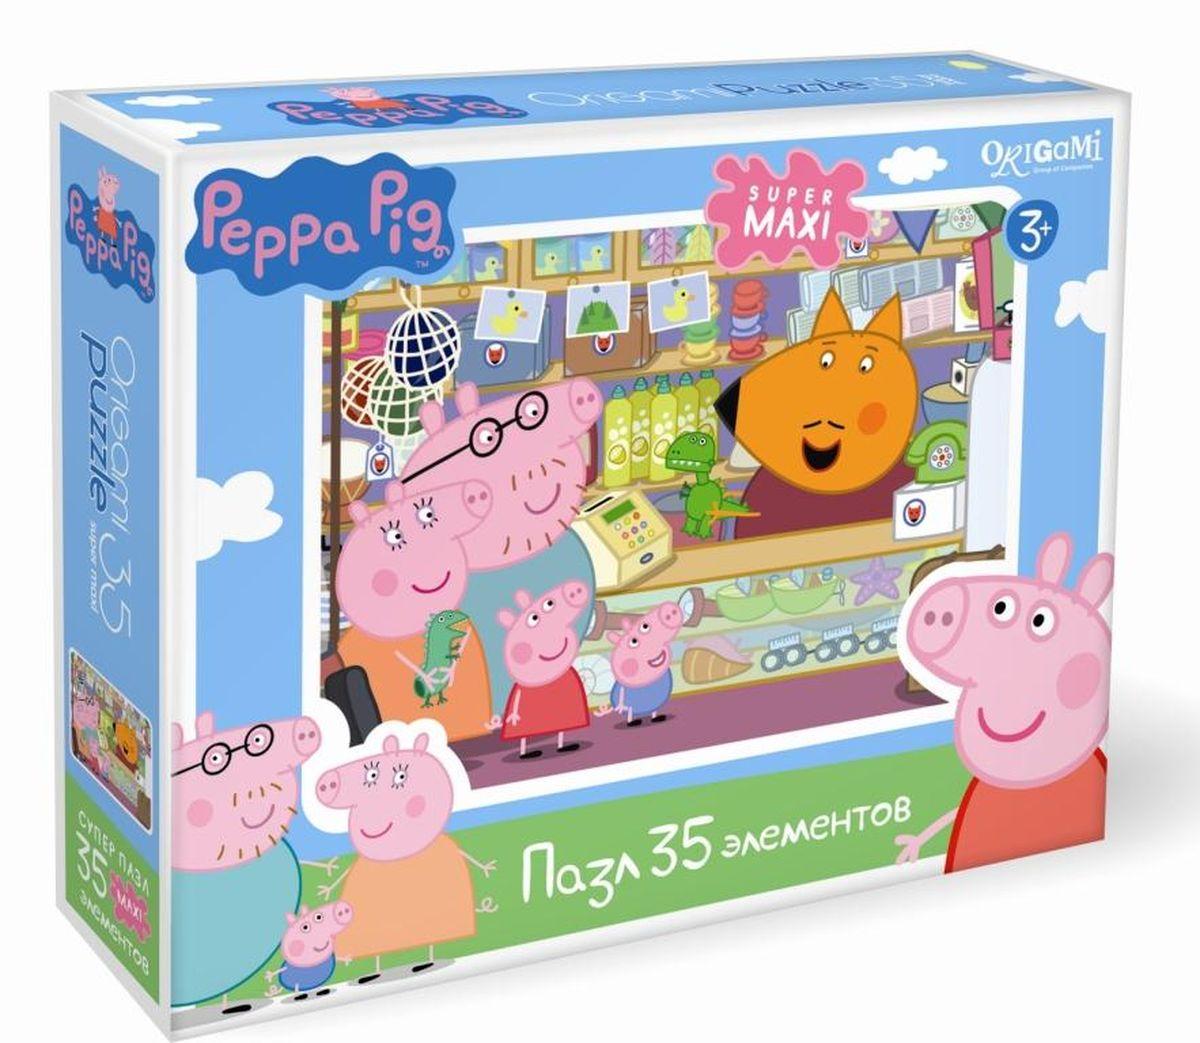 Оригами Пазл Peppa Pig Сувенирная лавка01548Пазл Peppa Pig на 35 деталей специально сделан для маленьких детей. Каждый пазл в этой серии имеет свою тематику, собери всю коллекцию! Пазл за пазлом ребёнок будет узнавать о весёлых приключениях Свинки Пеппы. Составление пазла станет развивающим досугом для малыша, т.к. тренирует пространственное мышление, моторику рук, а так же подарит хорошее настроение.